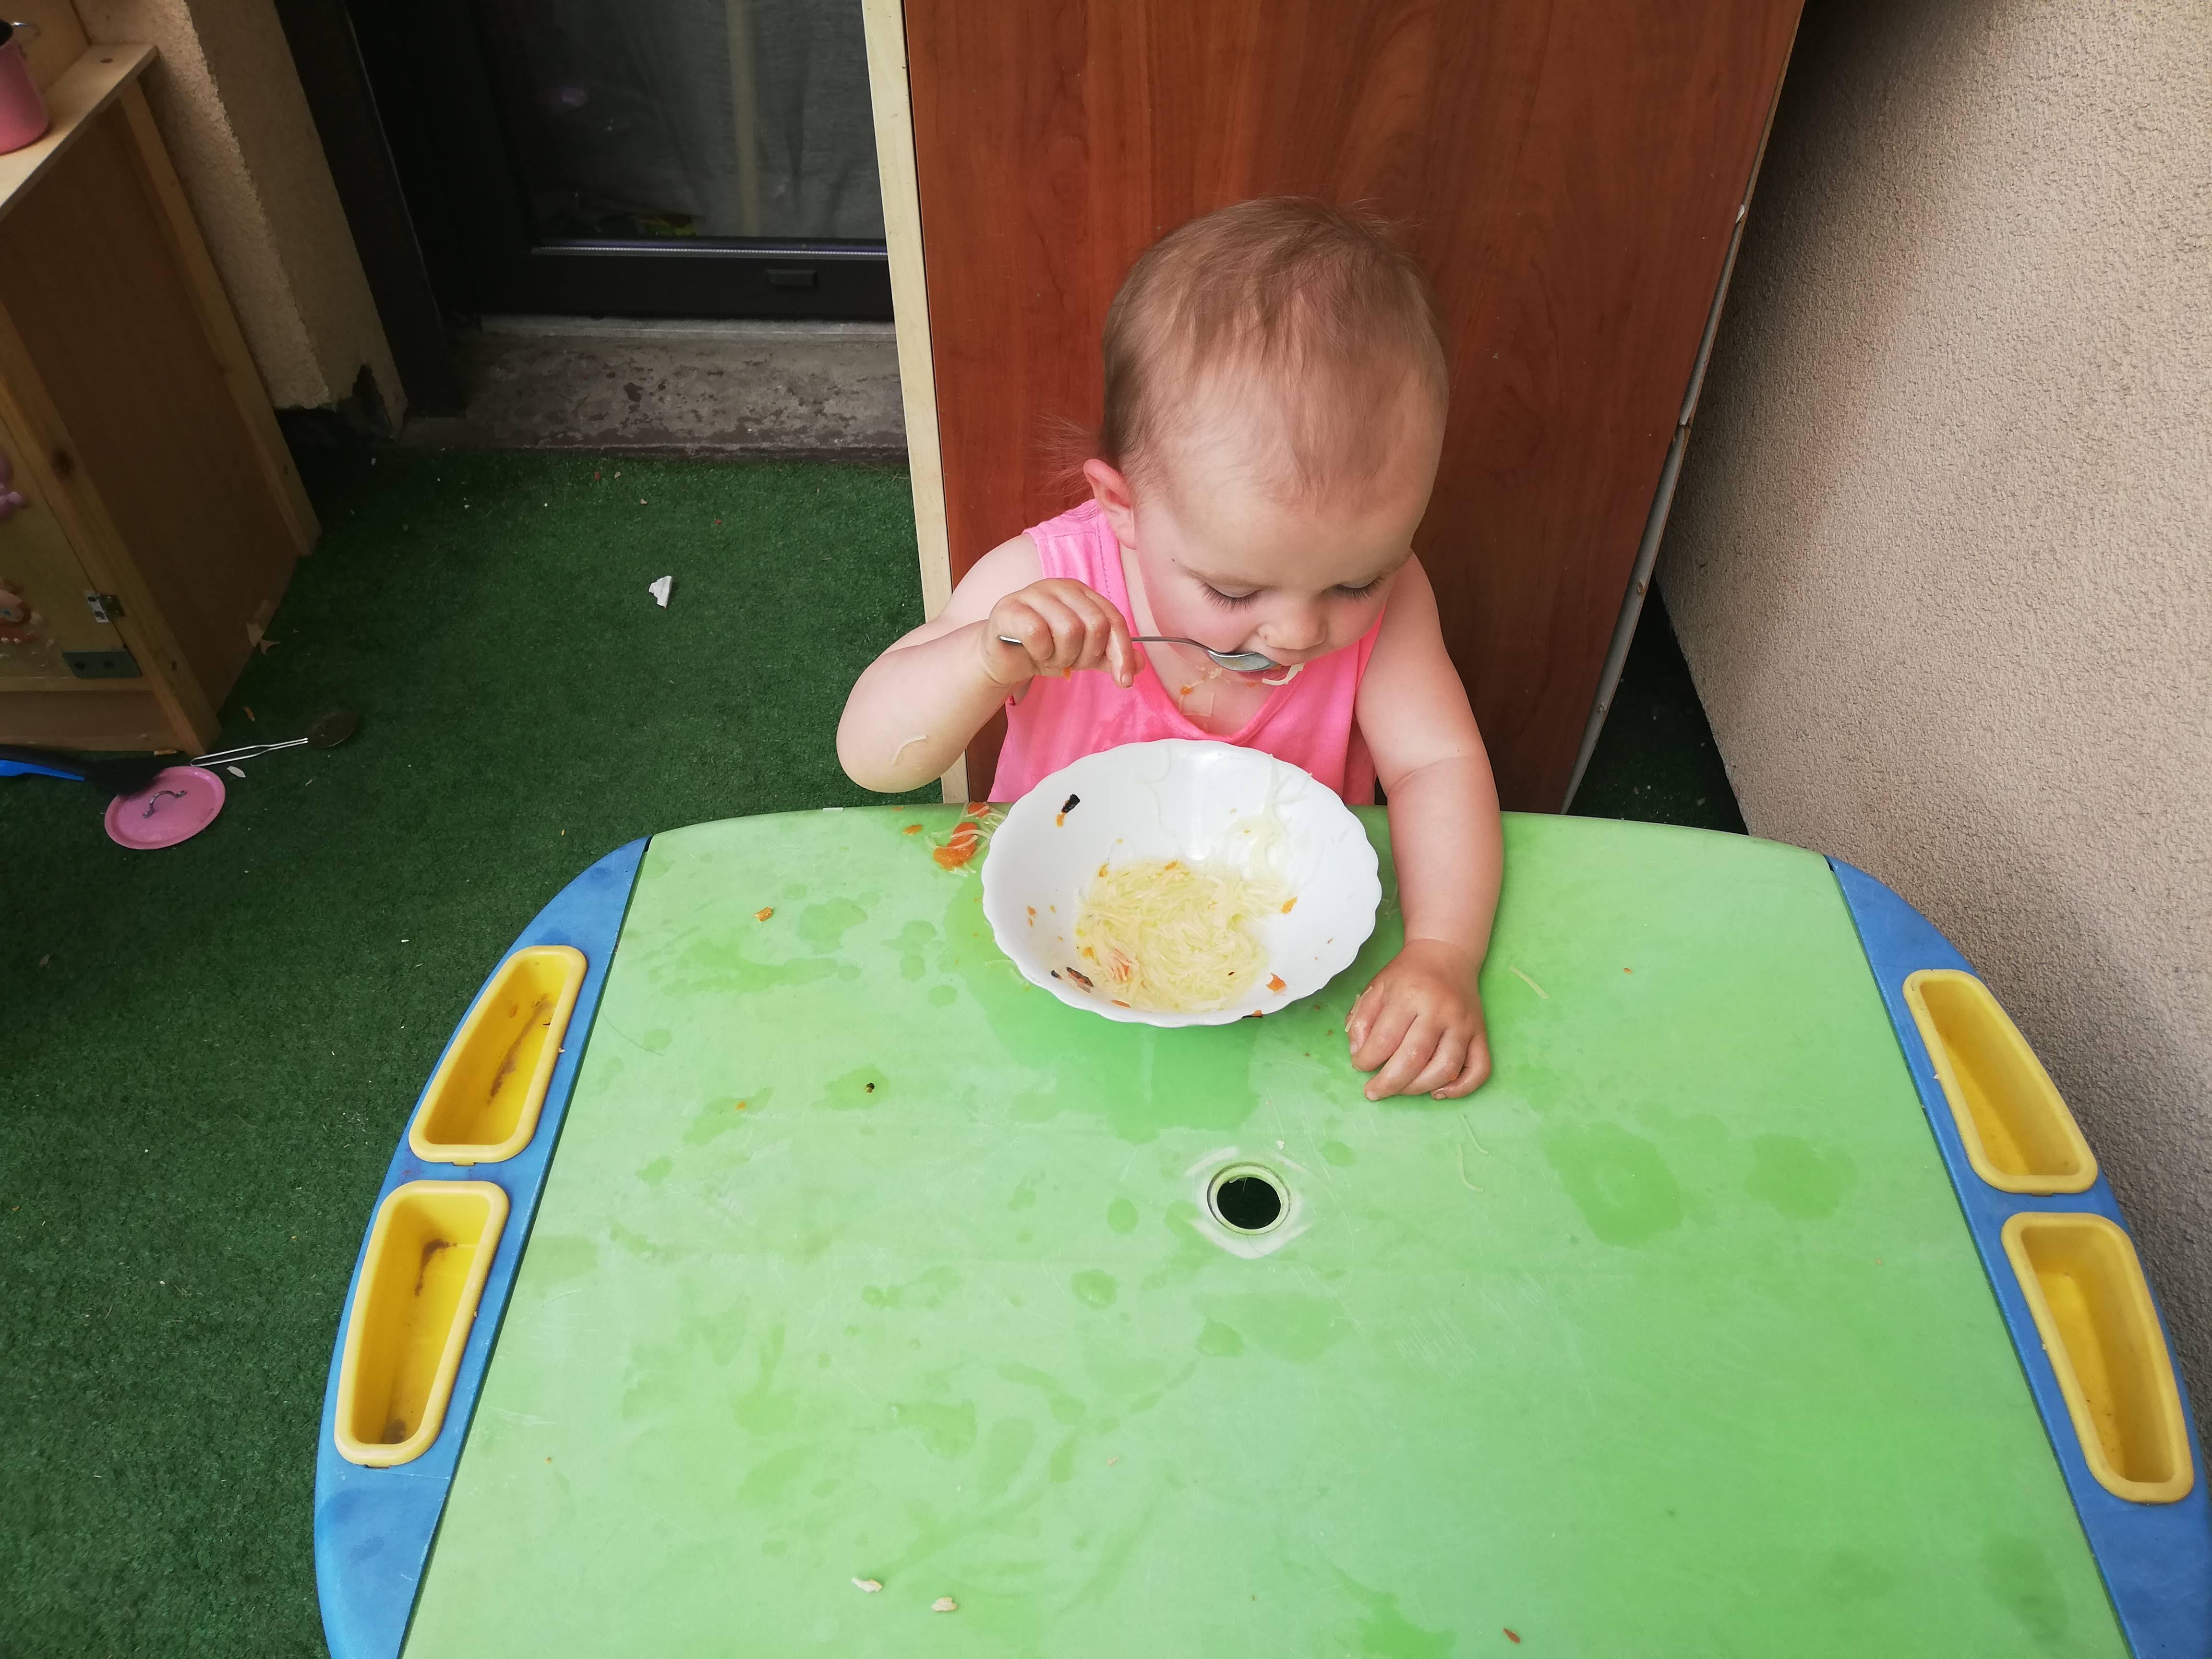 16 miesiąc życia dziecka